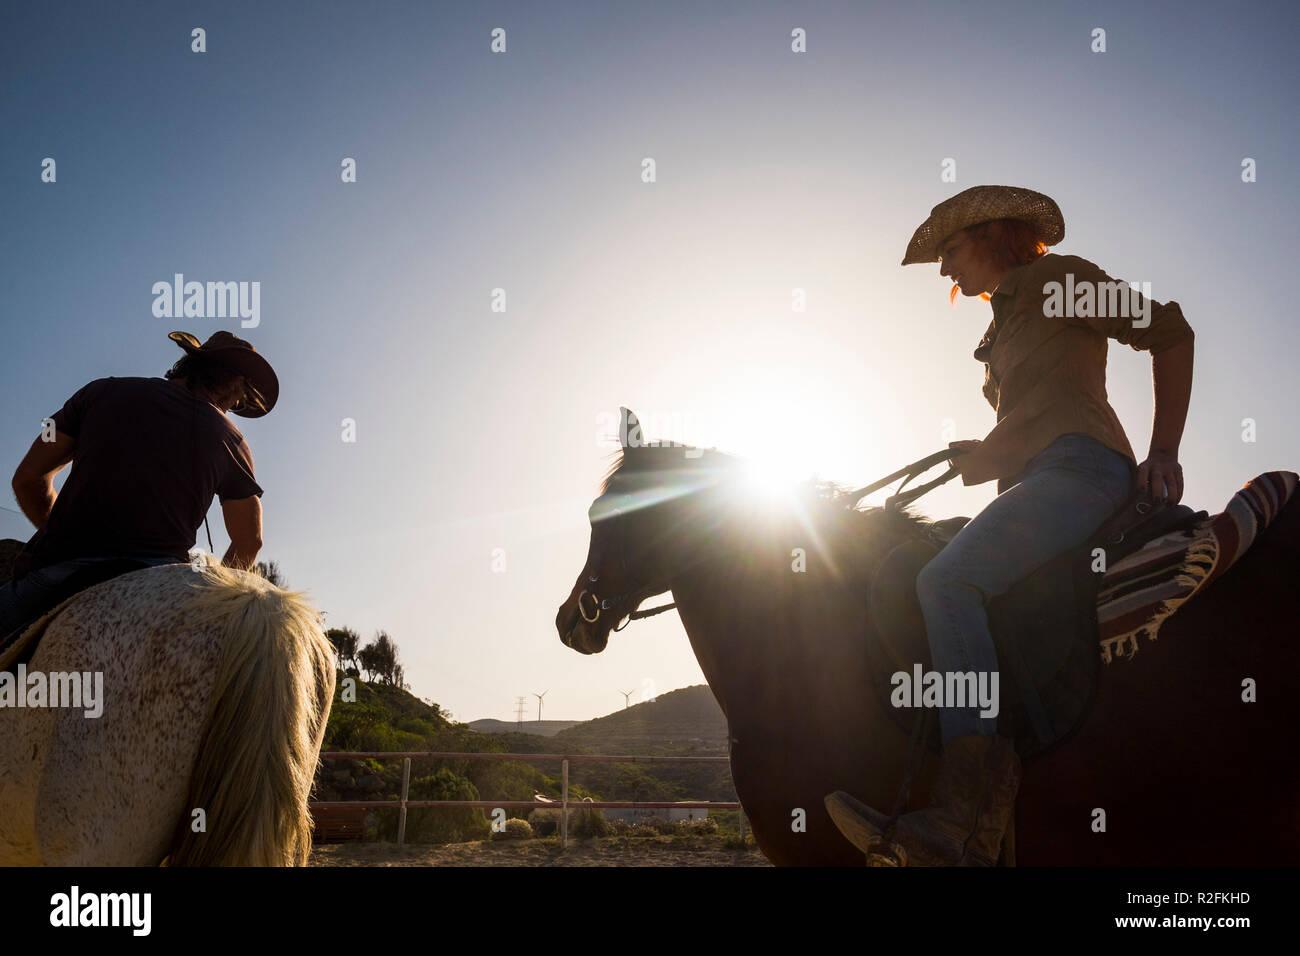 Paar Moderne Cowboys, Mann und Frau, fahren zwei Pferde im Freien mit Sunflare und Hintergrundbeleuchtung. Berge und Wind Mill im Hintergrund. nette Junge im Urlaub Stockfoto